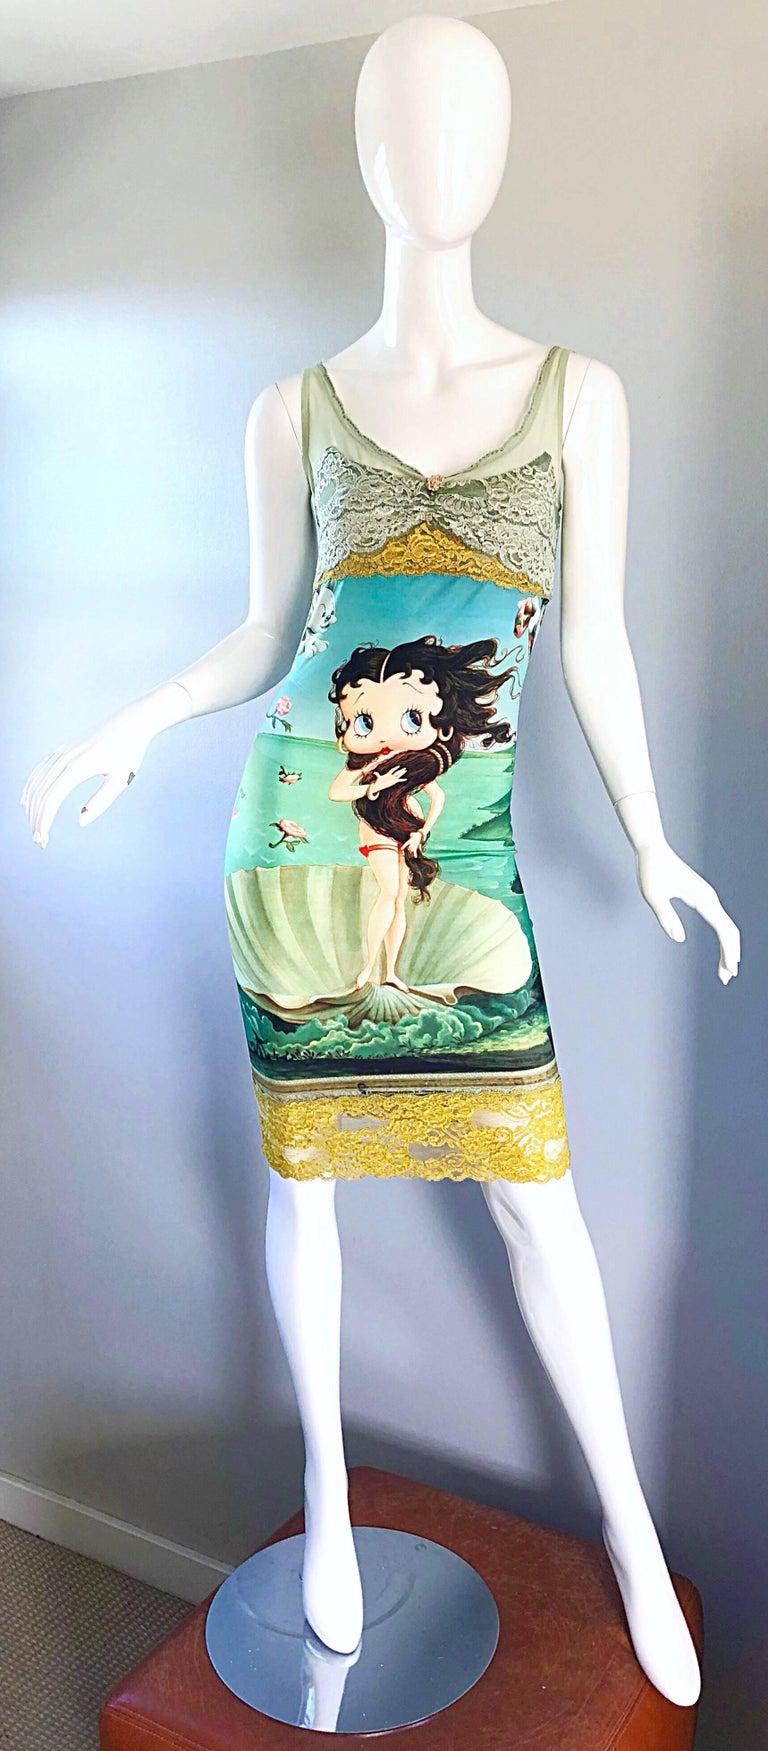 Super rare Limited Edition ELETRA CASADEI vintage 1990s Betty Boop,